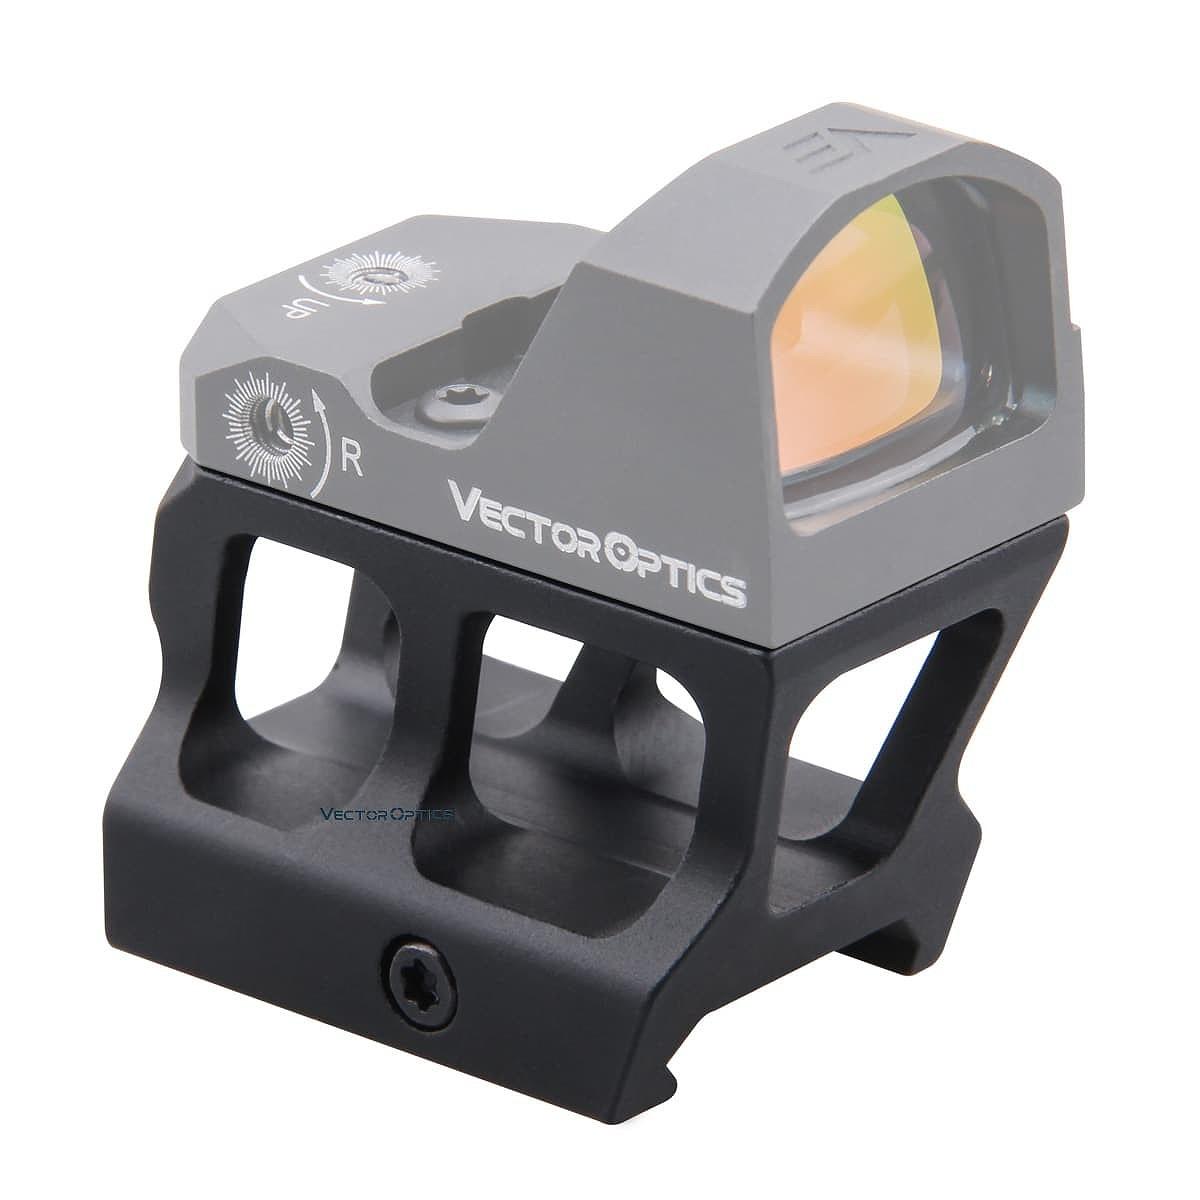 ベクターオプティクス ドットサイトマウント Red Dot Sight Riser Mount  Vector Optics SCRA-67